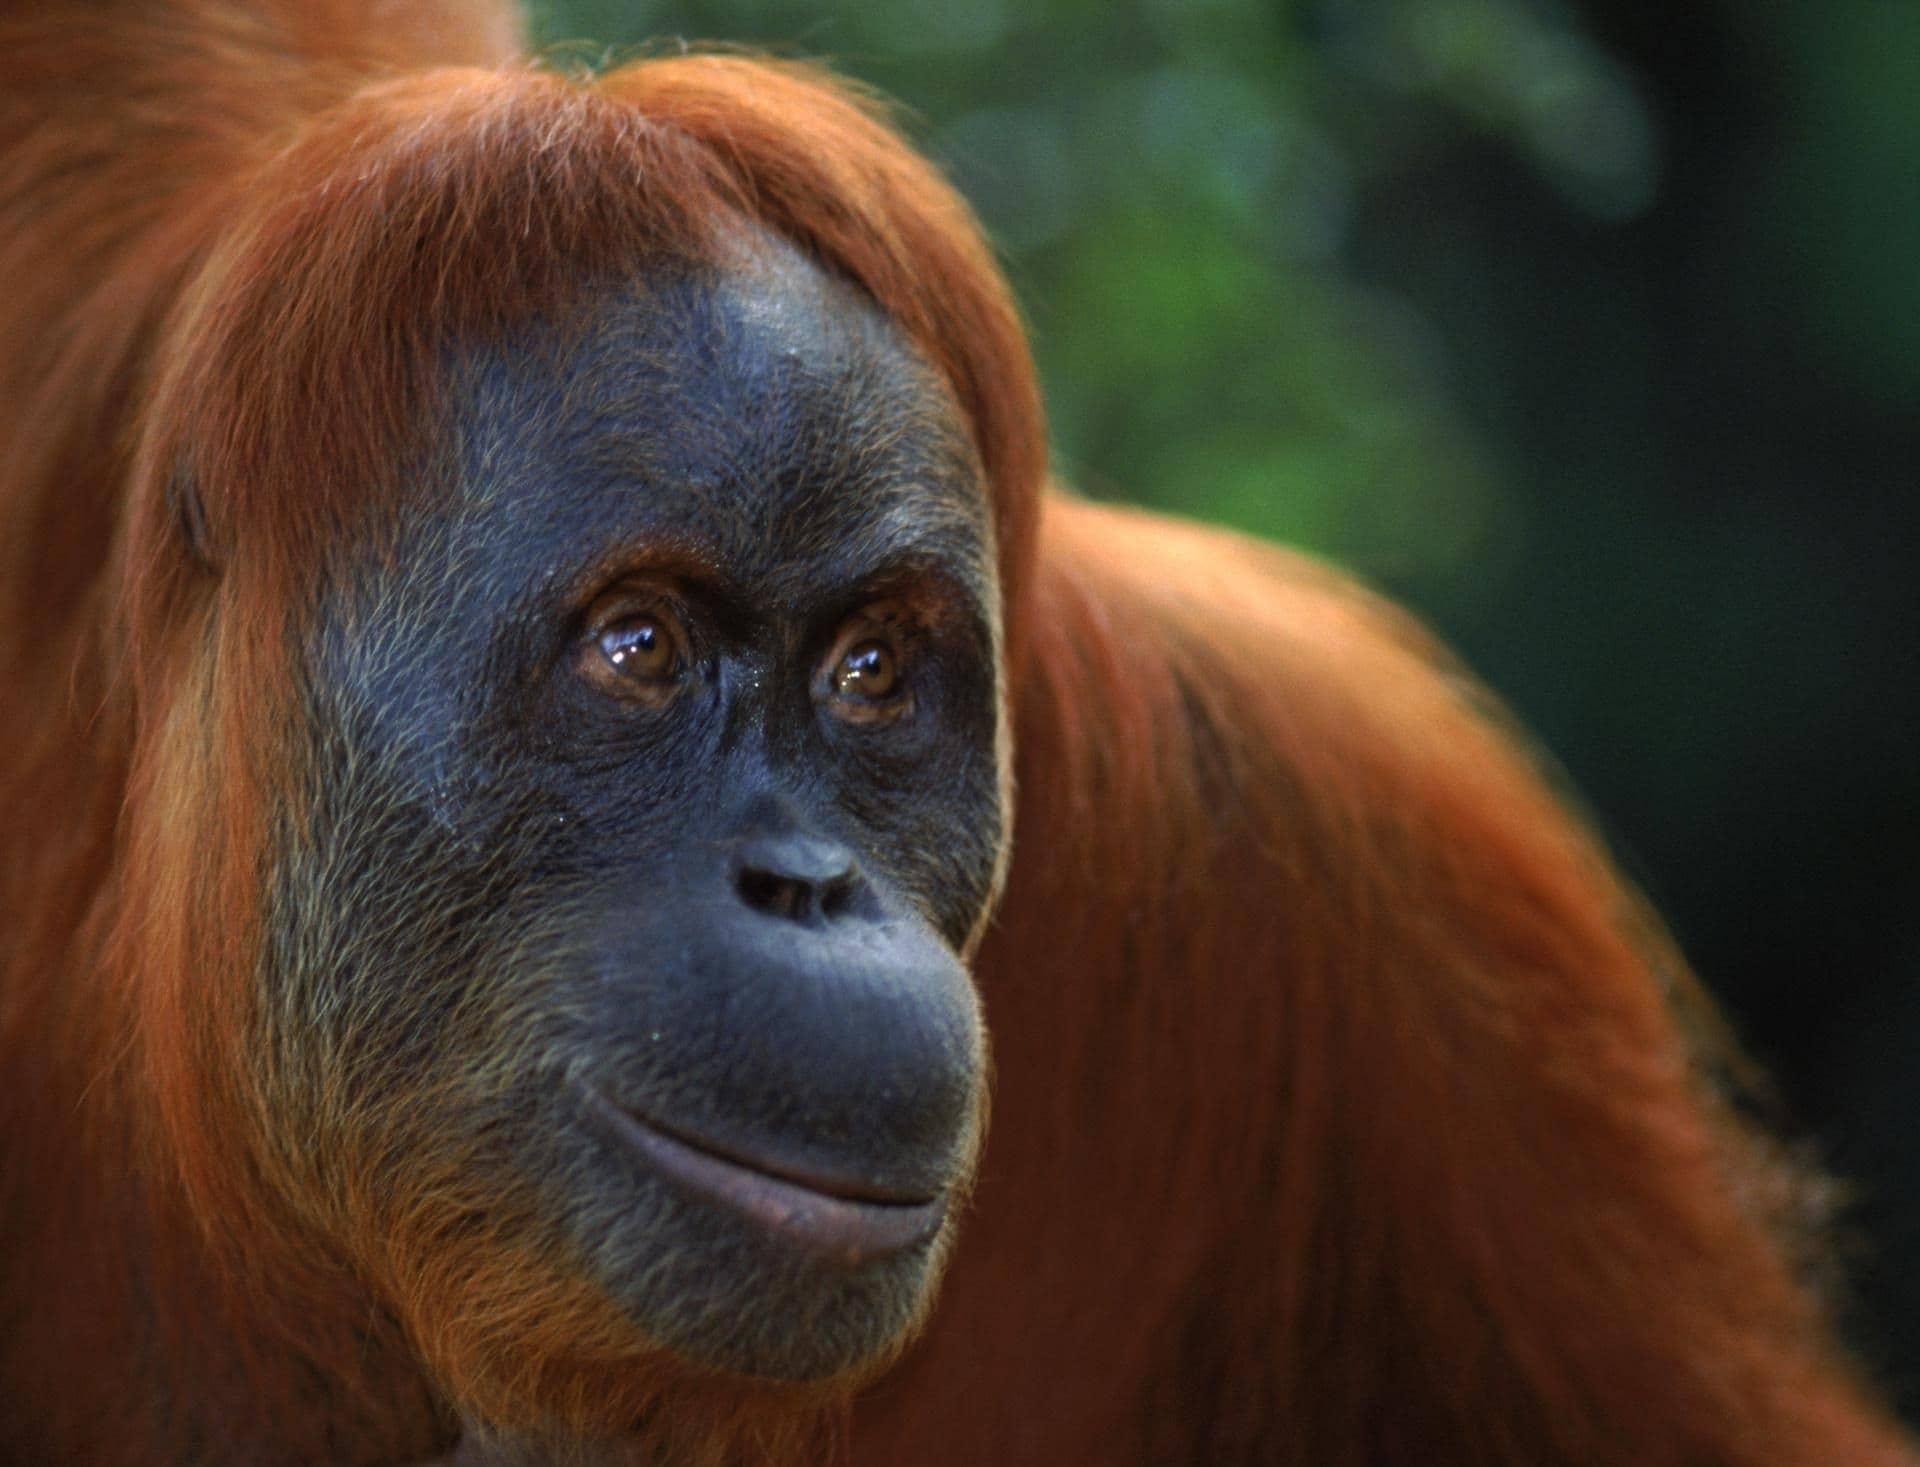 orangutan dream meaning, dream about orangutan, orangutan dream interpretation, seeing in a dream orangutan